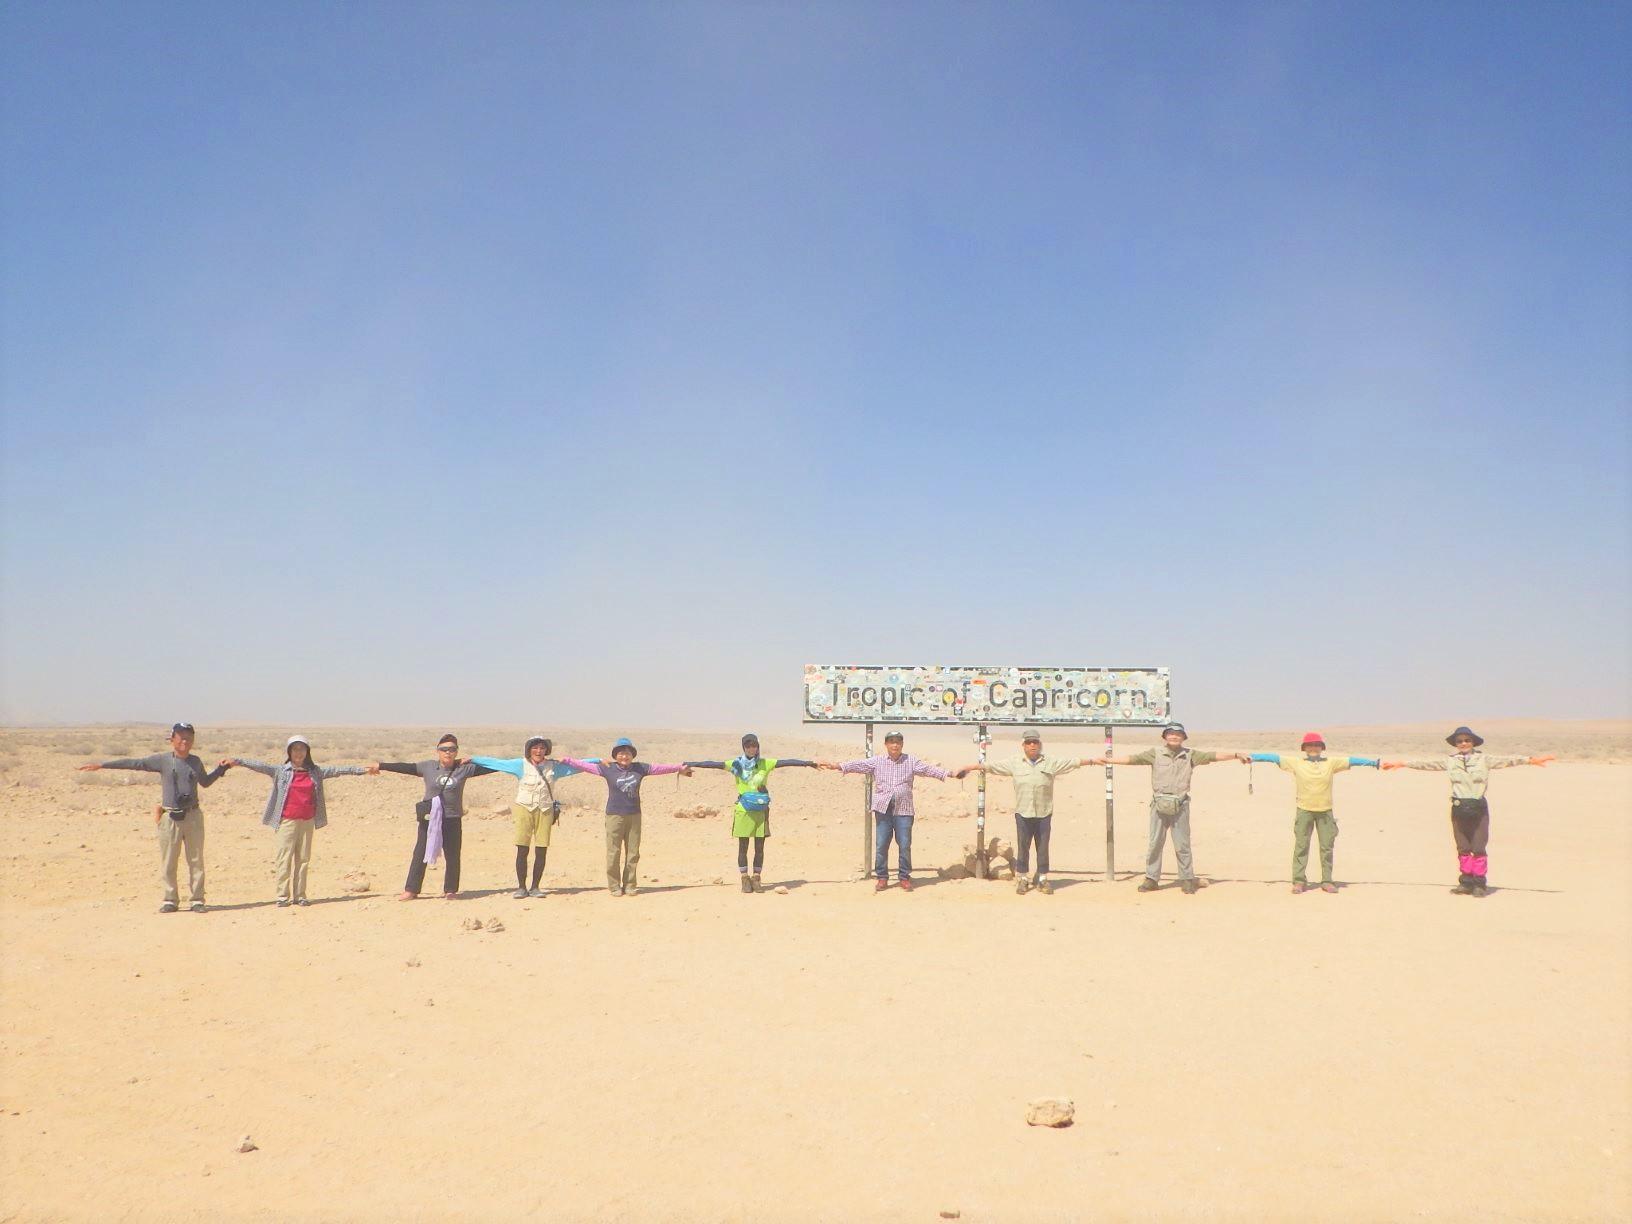 8月27日出発「南部アフリカ周遊ハイキング ナミブ砂漠セスリエムキャンプと花の楽園ナマクワランド 12日間」